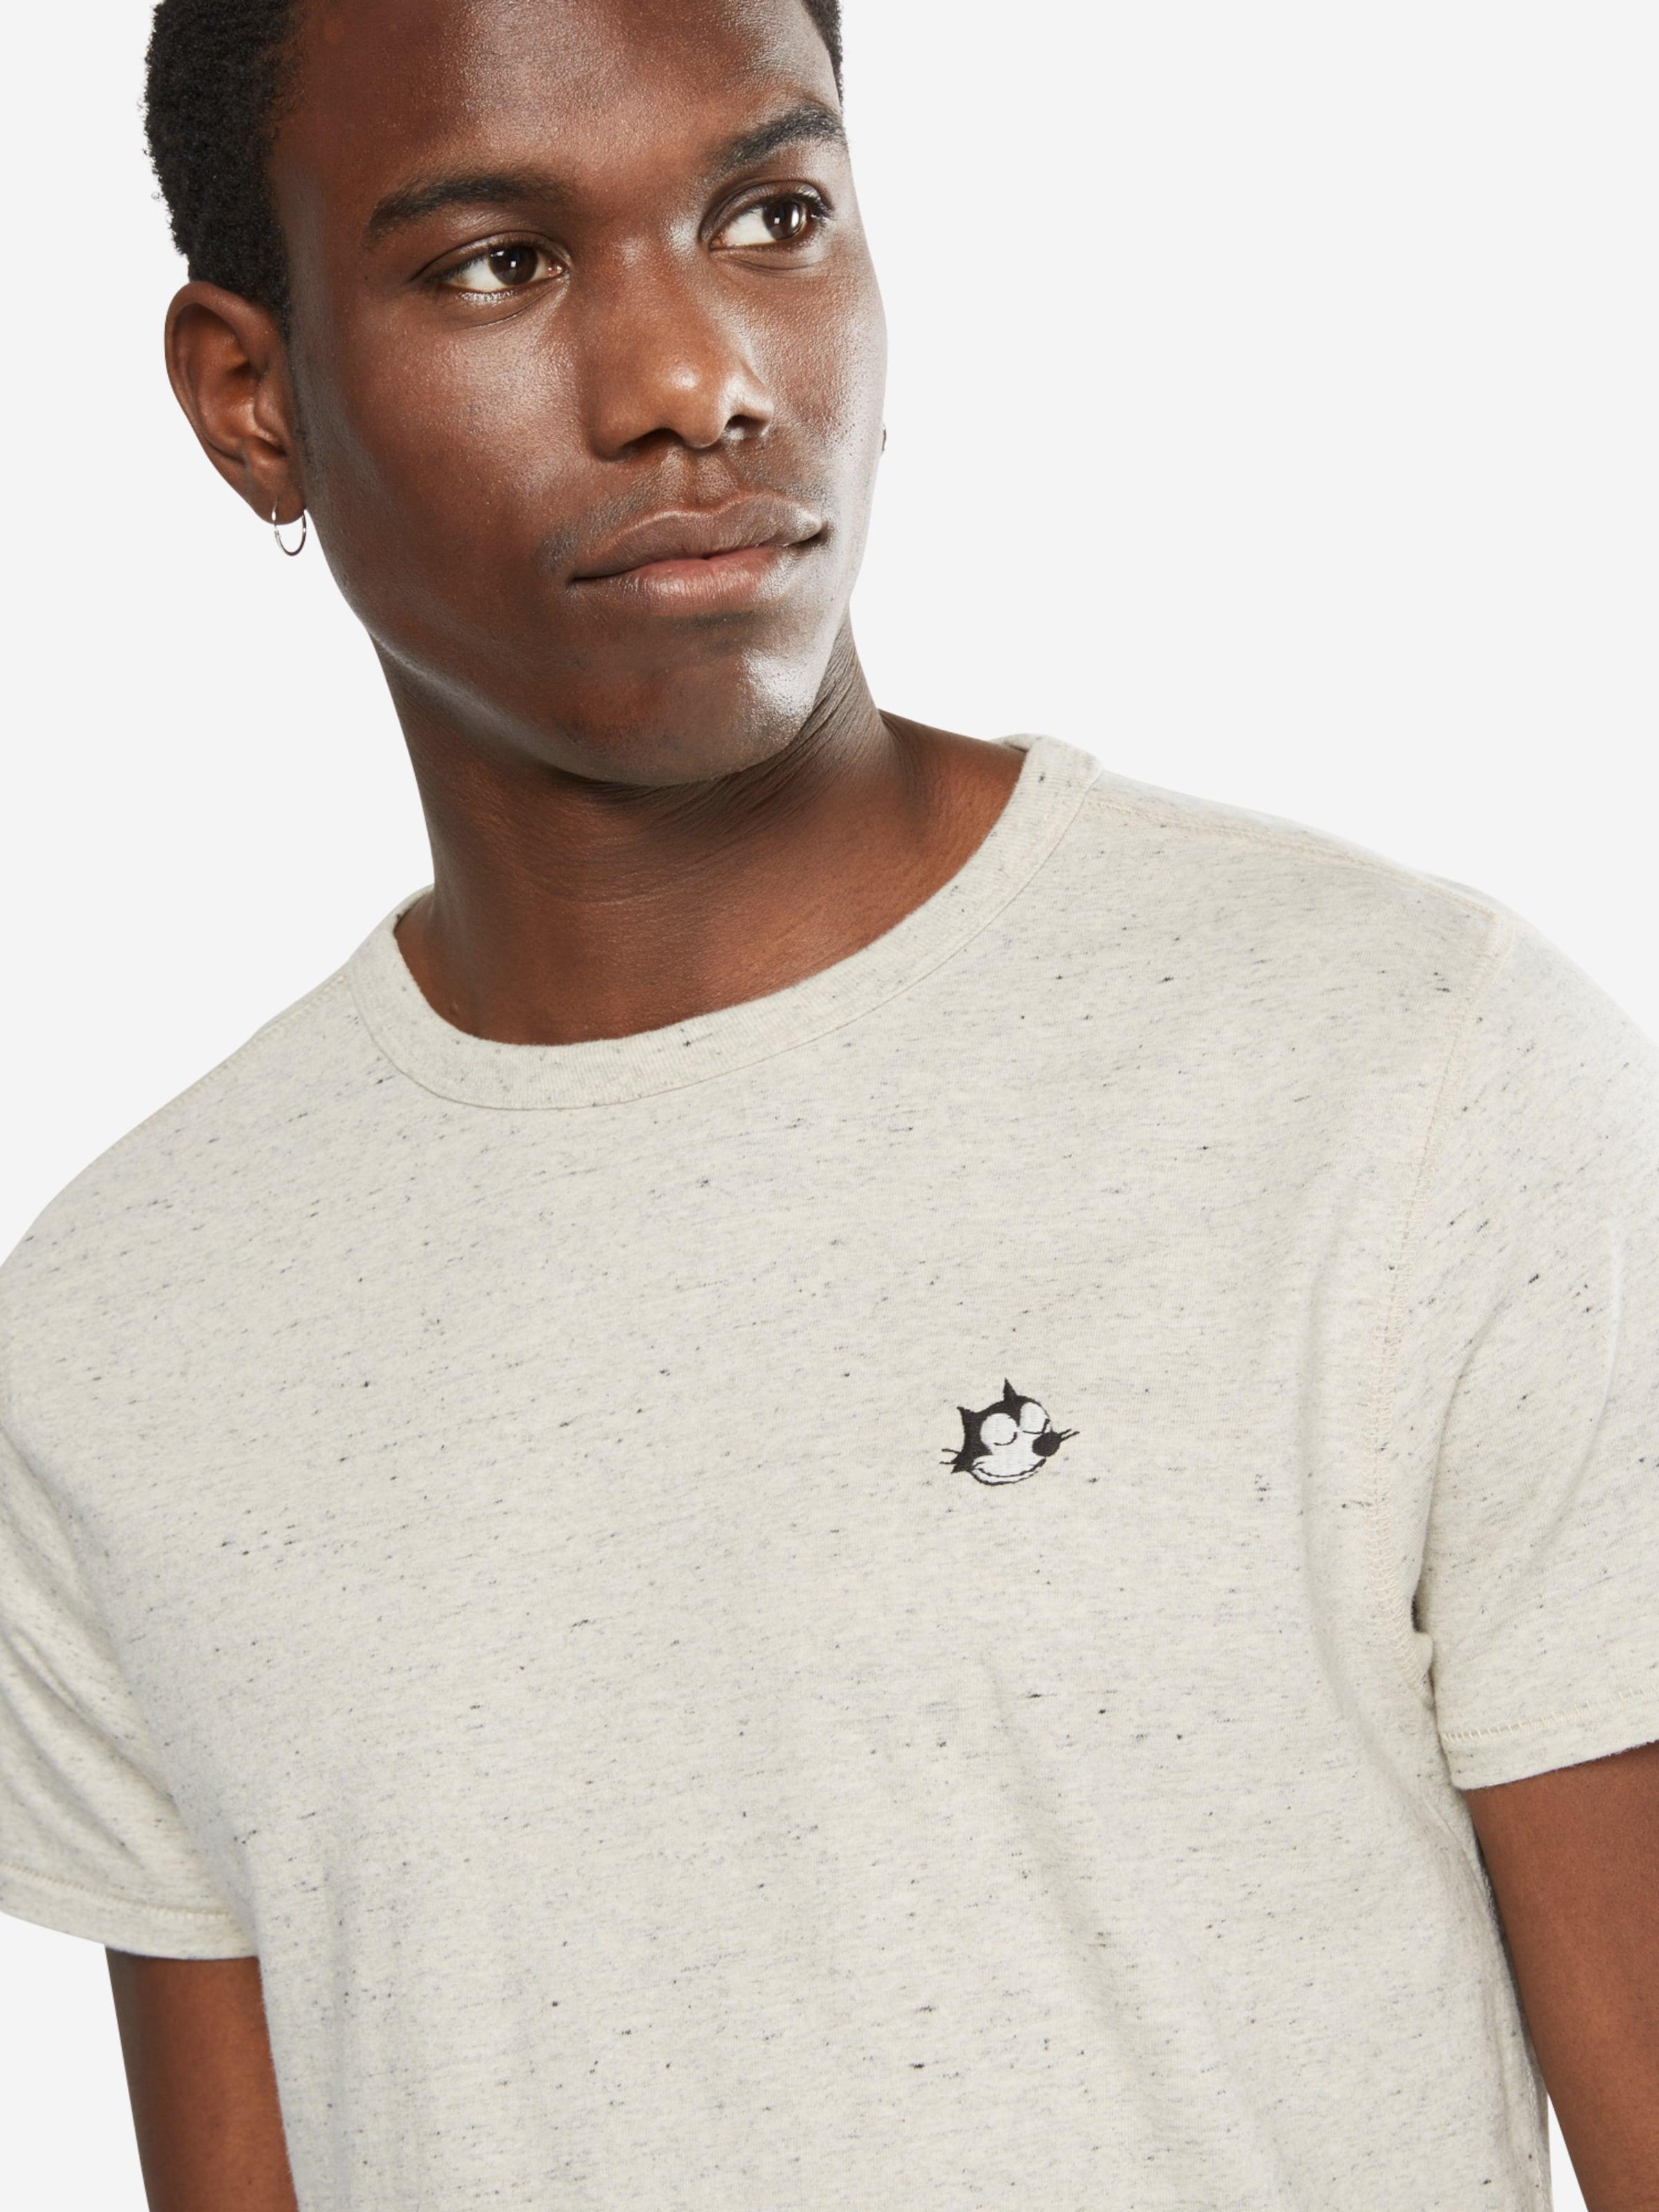 SCOTCH & SODA Shirt 'Felix Ams Blauw colab tee with chest sign off' Spielraum Top-Qualität Manchester Zum Verkauf Verkaufspreise Neueste Verkauf Extrem PSUB1lFSSN